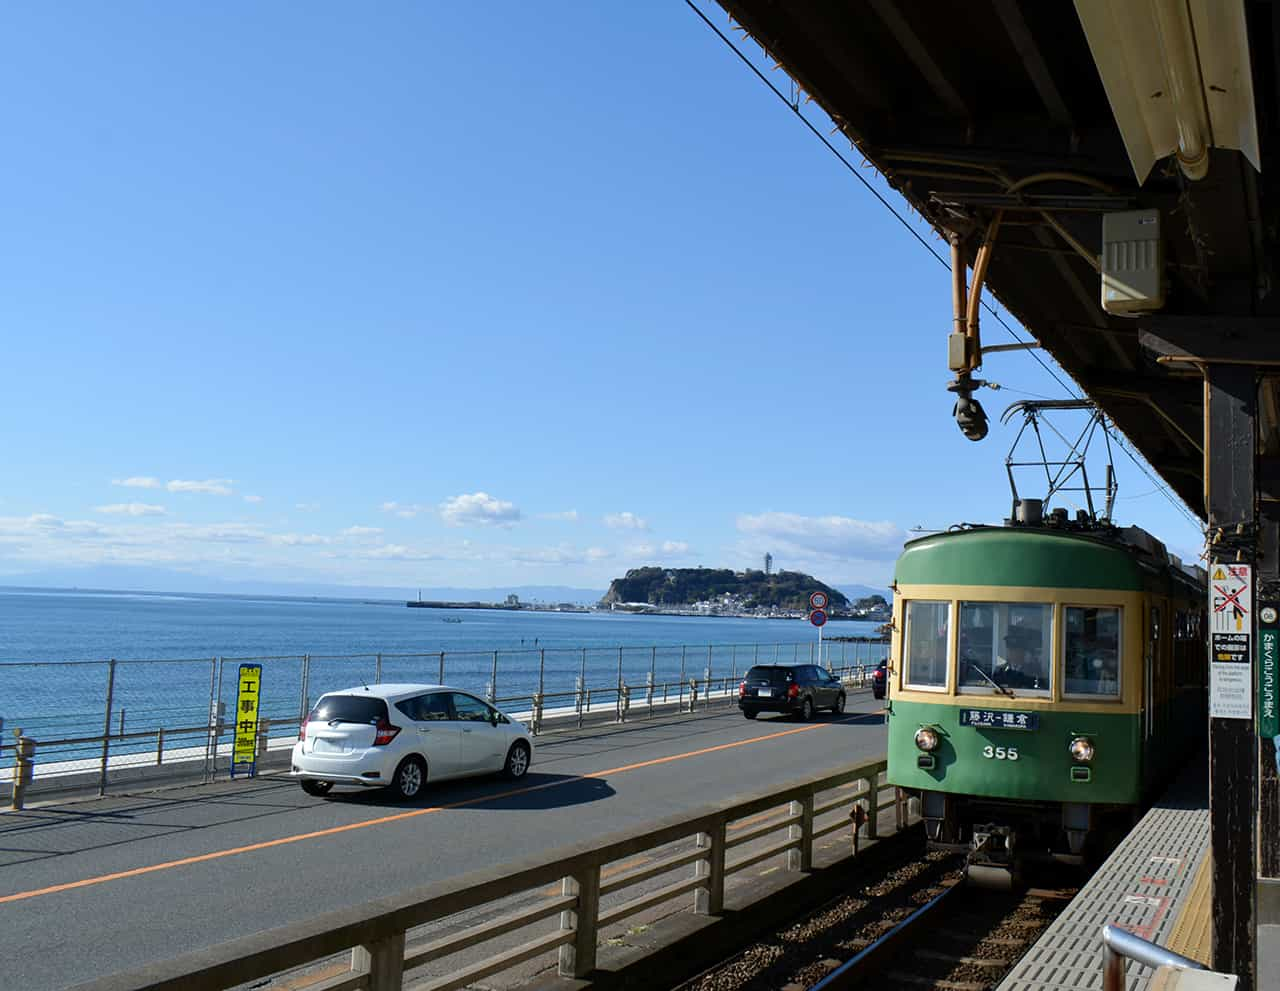 นั่งรถไฟสีเขียวนมเอโนะเด็นได้ไม่จำกัดด้วย Enoden 1 Day Pass